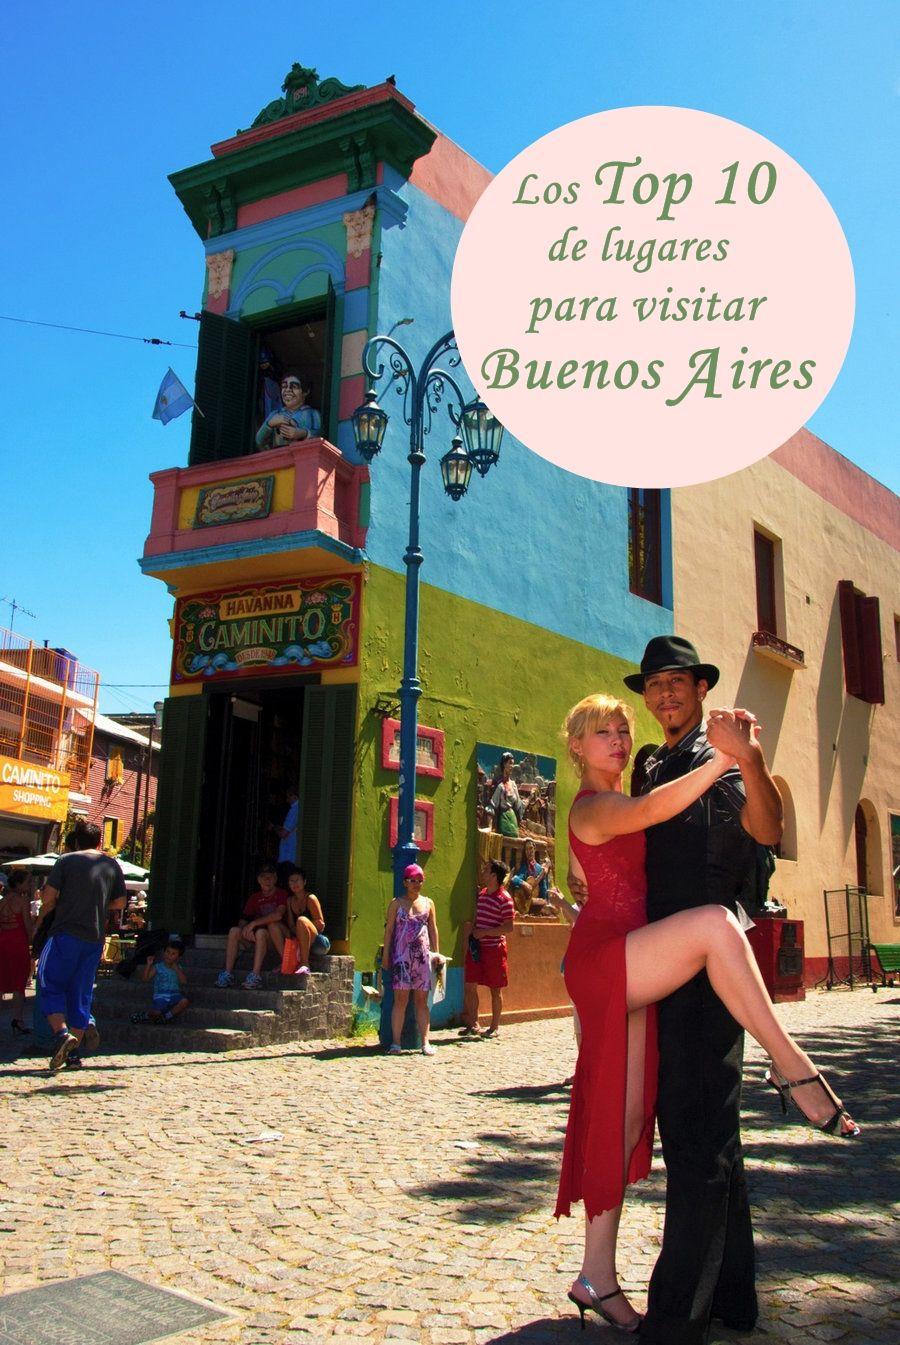 Top 10 De Lugares Para Visitar En Buenos Aires Http Www Bsas4u Com Es Top 10 Places To Visit In Buenos Aires Bailarines De Tango Fotos Imagenes De Tango